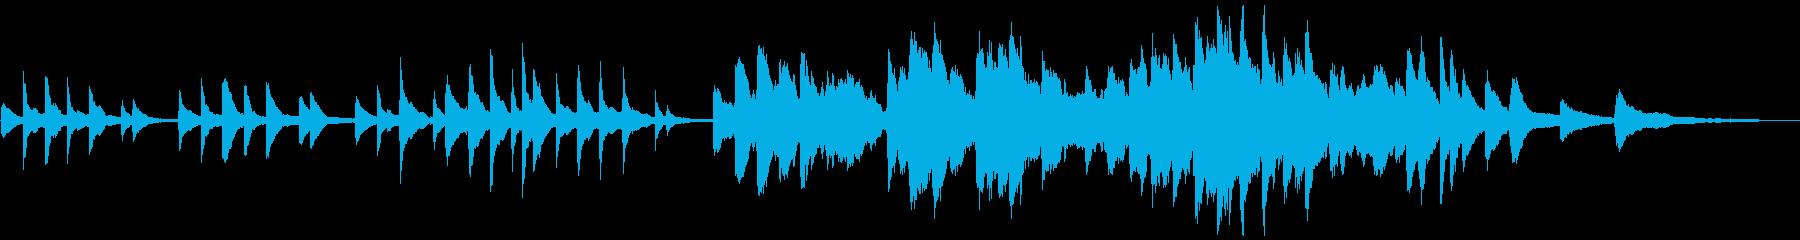 ピアノと星空の短いバラード(FL版)の再生済みの波形